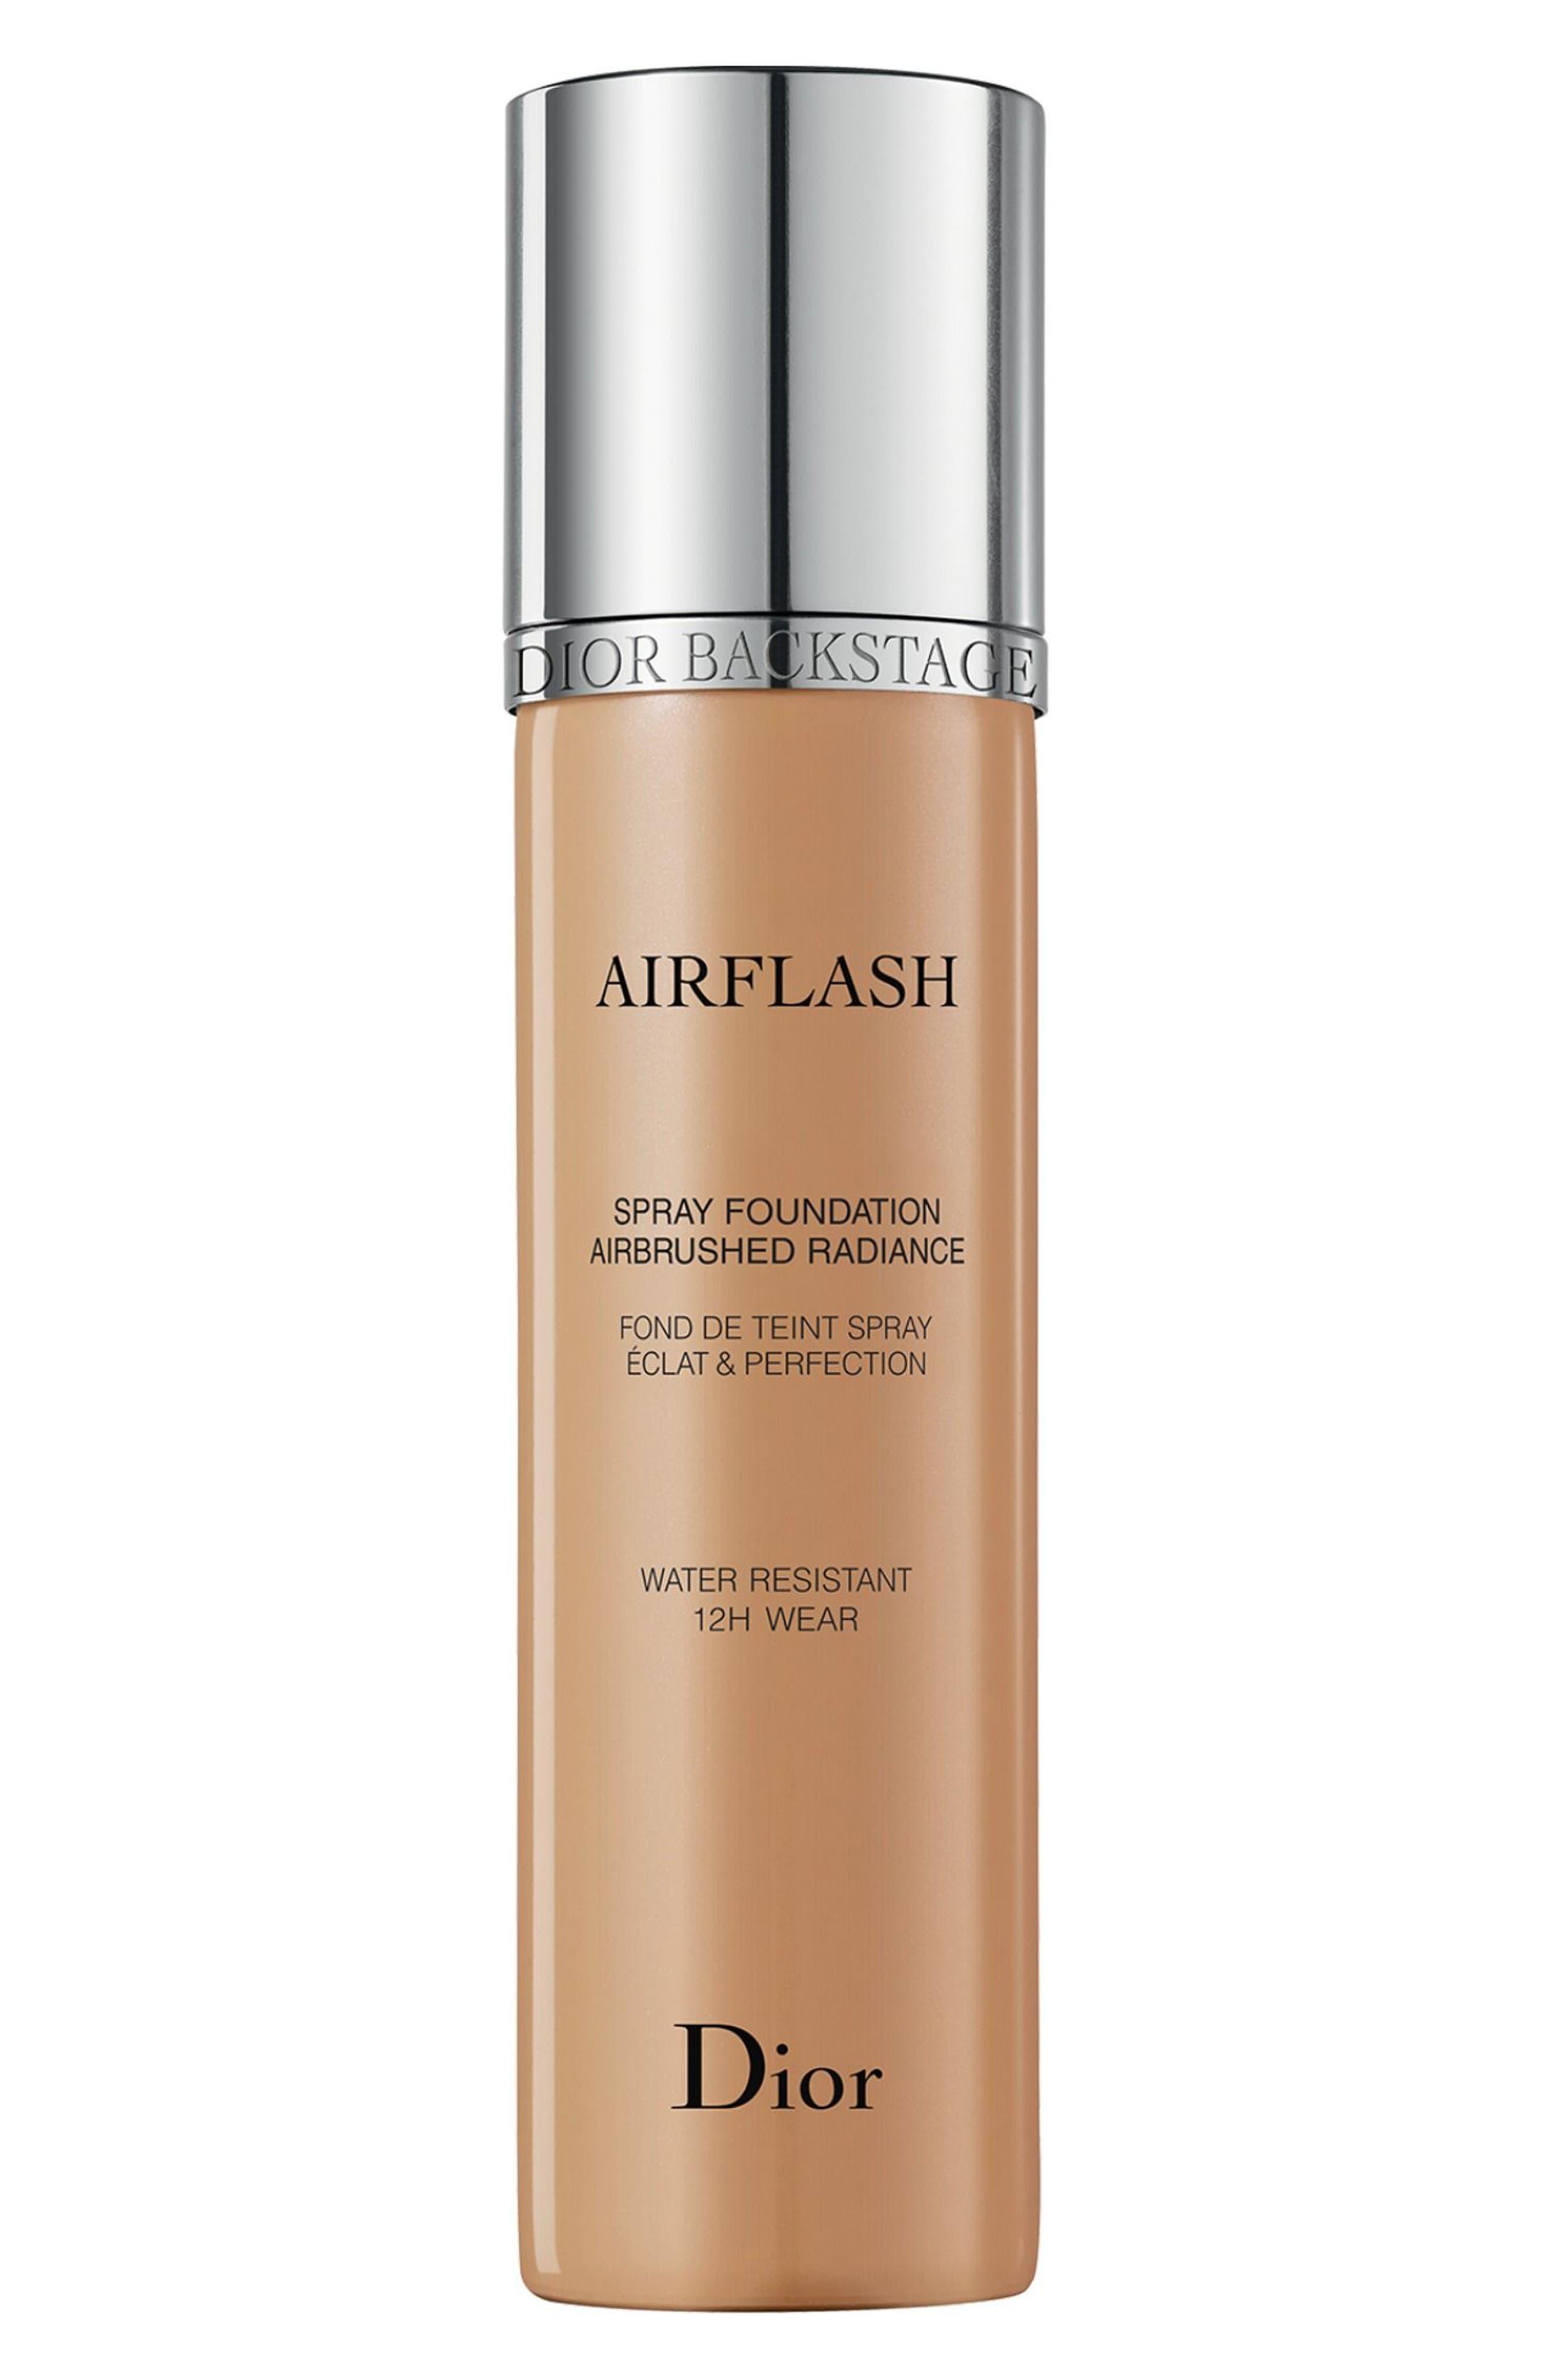 Dior Diorskin Airflash Spray Foundation - 401 Ochre